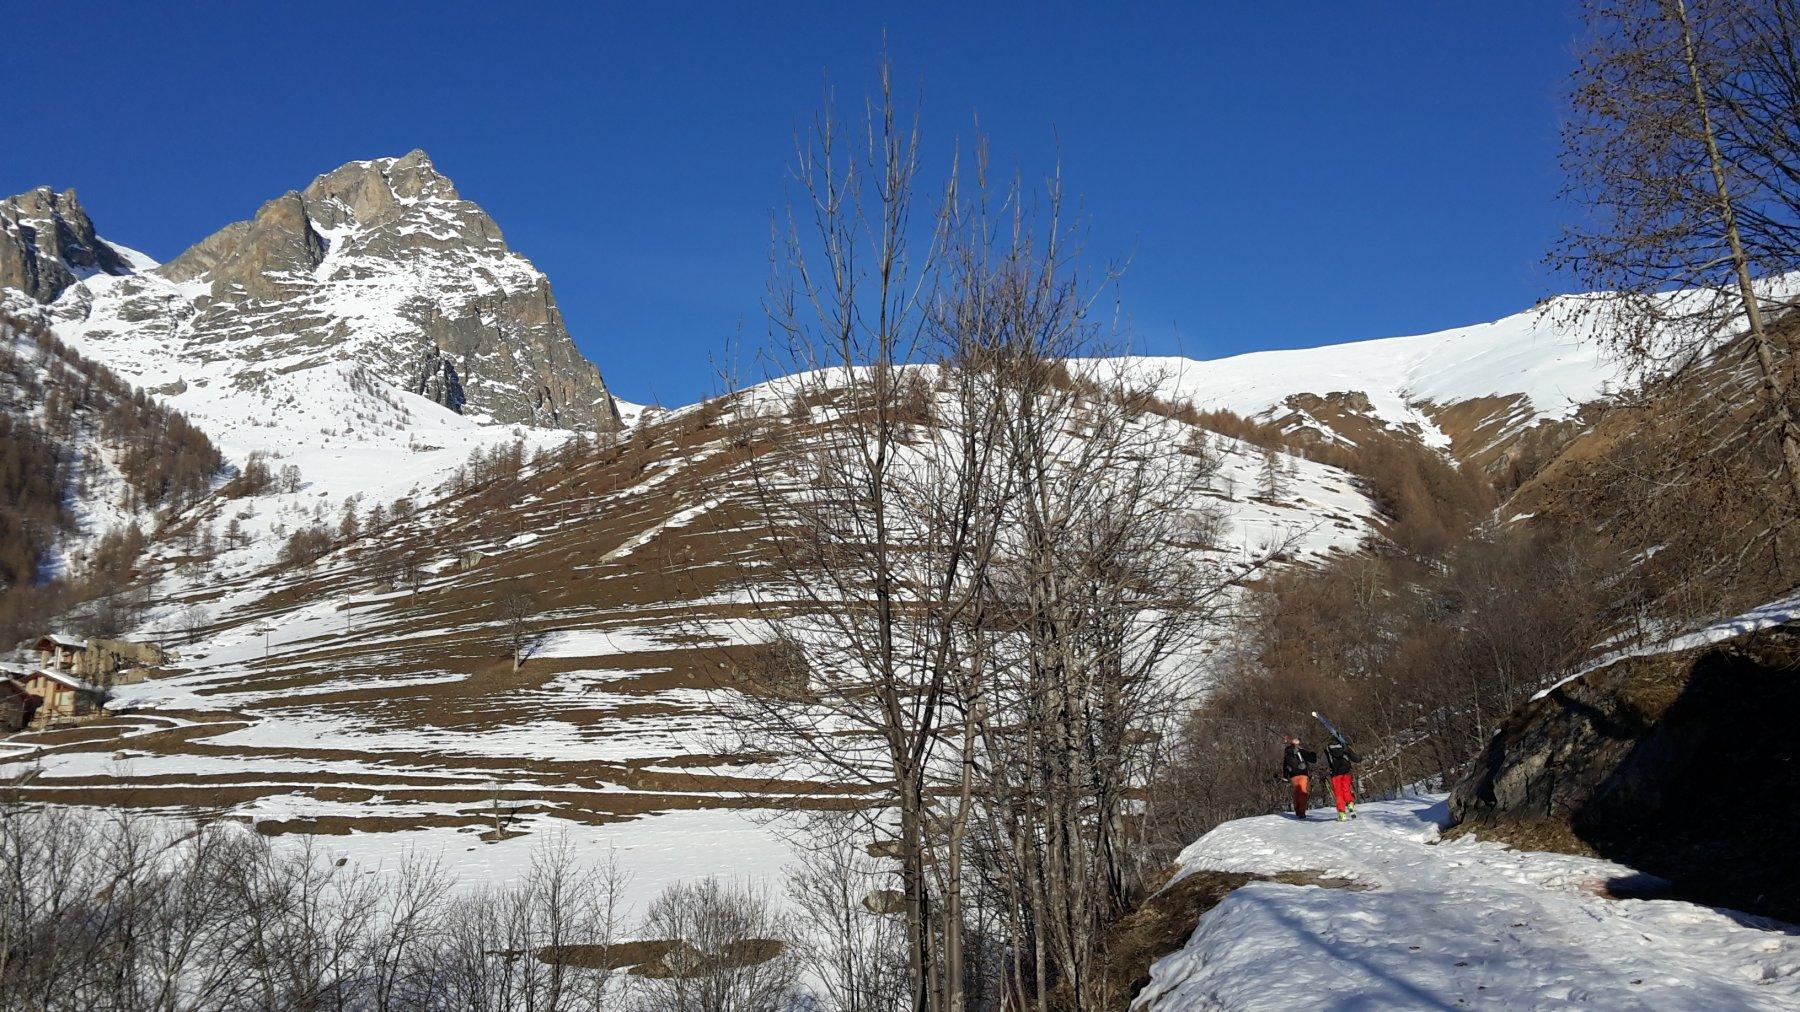 si cammina sulla strada per Campiglione su 20 cm di neve